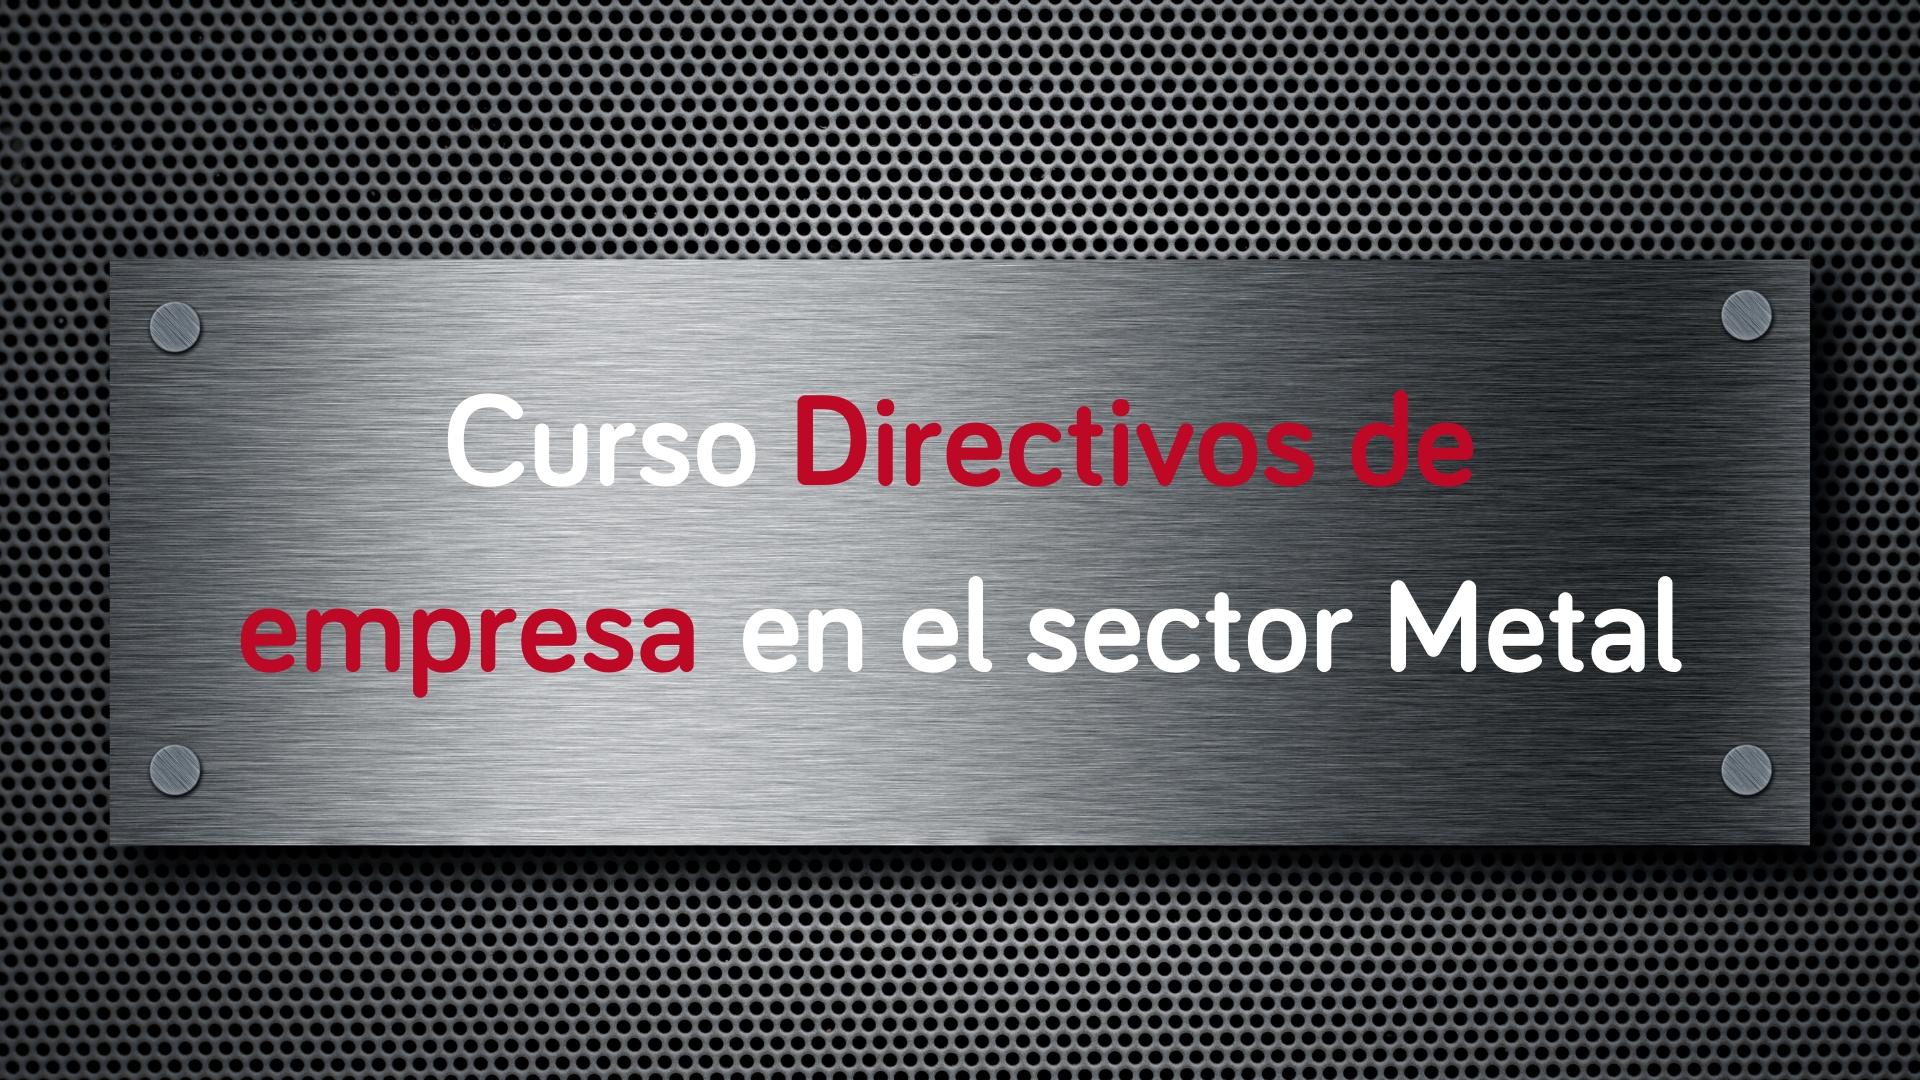 curso-directivos-empresa-metal